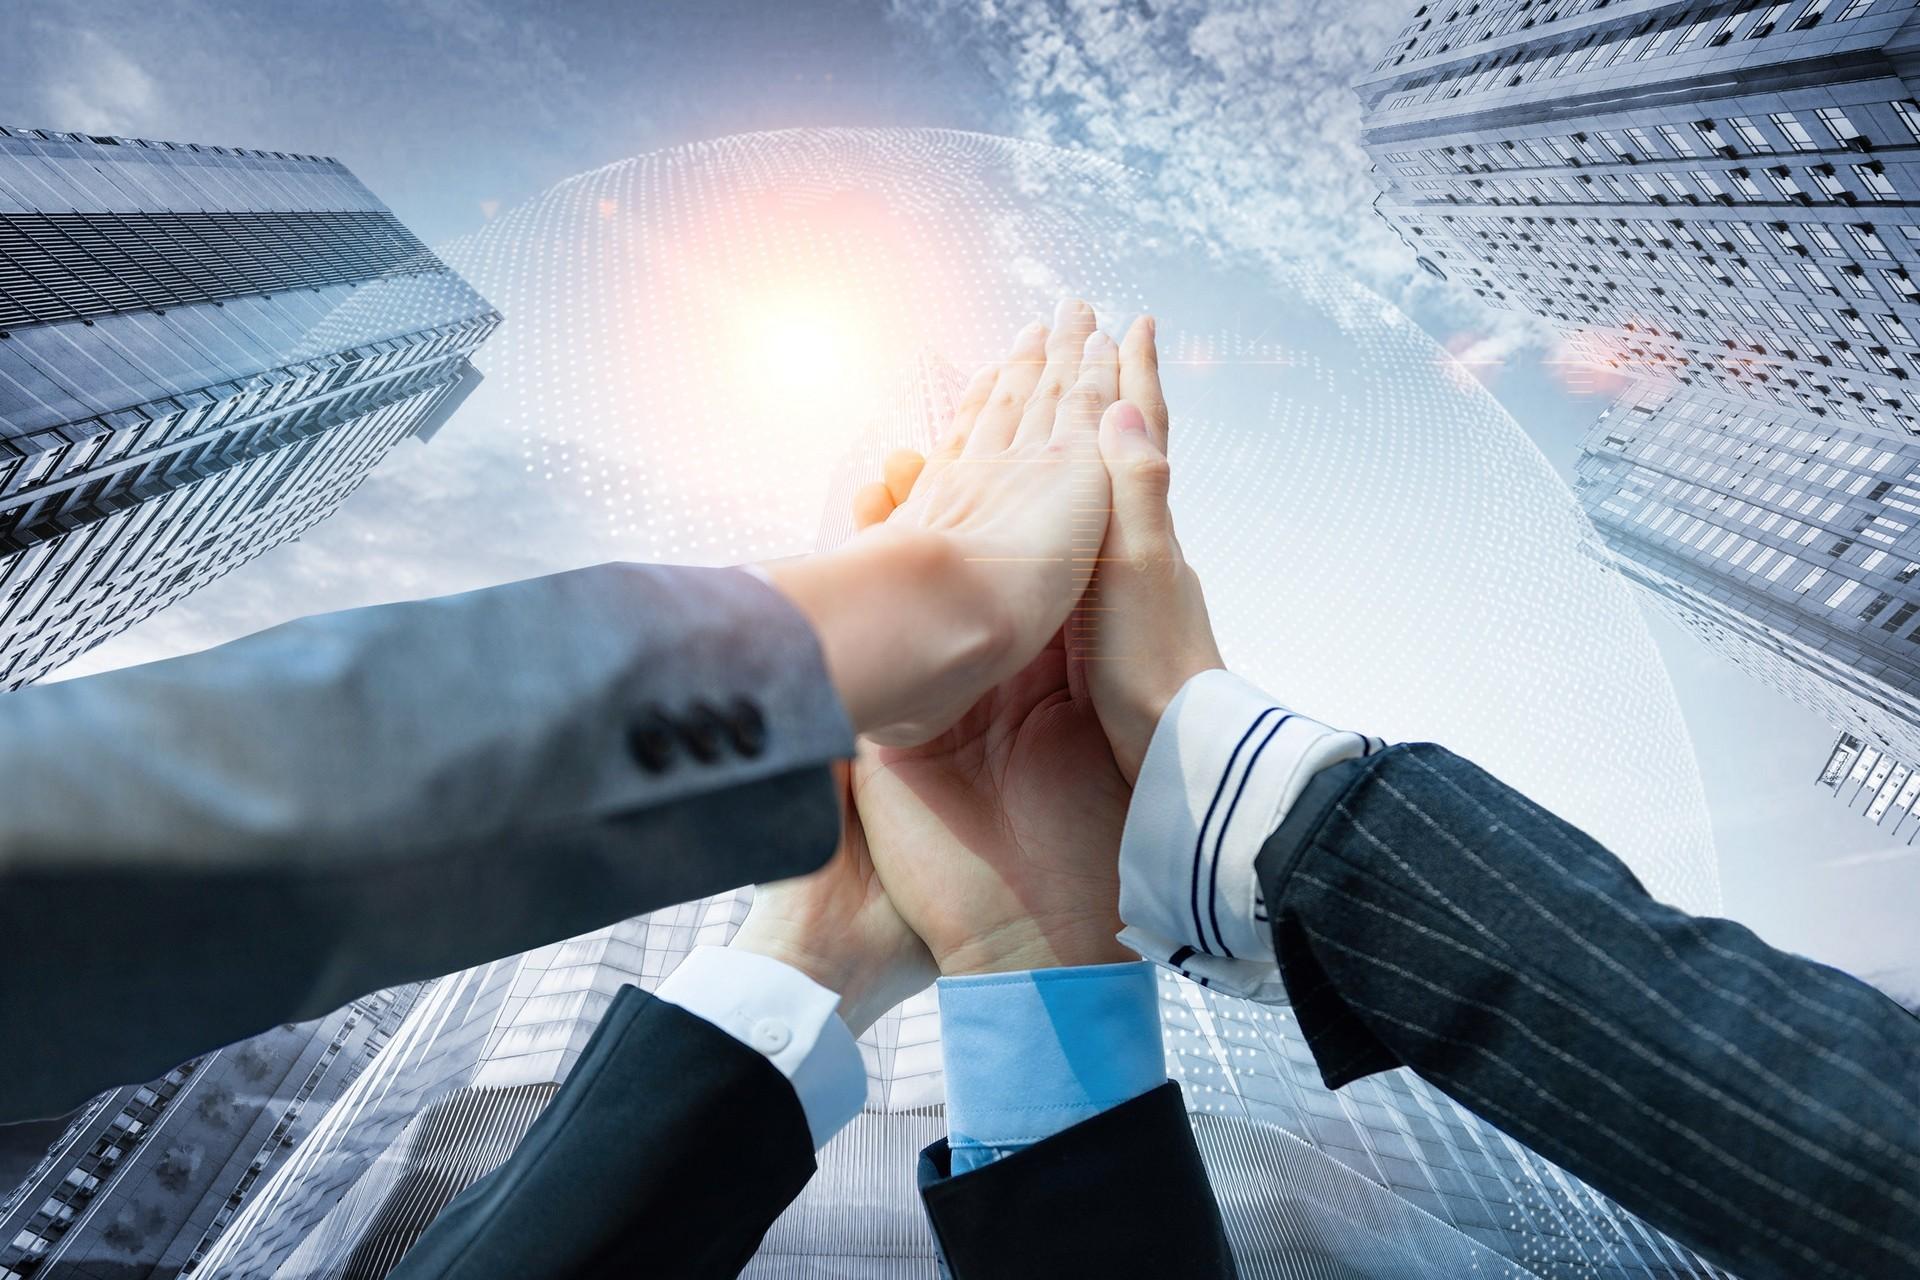 搭车数字基建:社会服务领域双创或成促就业主力军|双创带动就业观察(四)